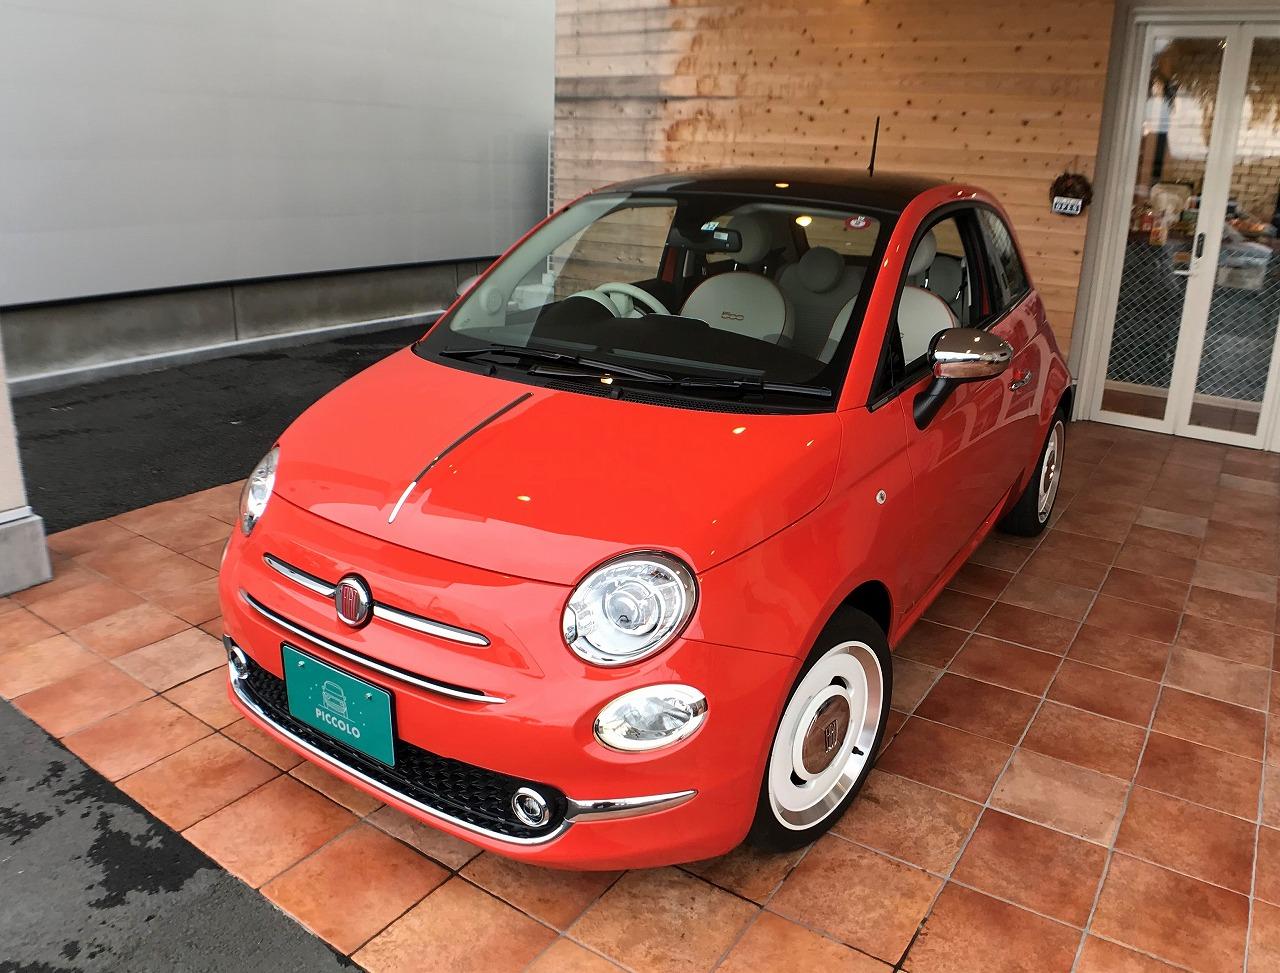 FIAT500 Anniversario/アニベルサリオ